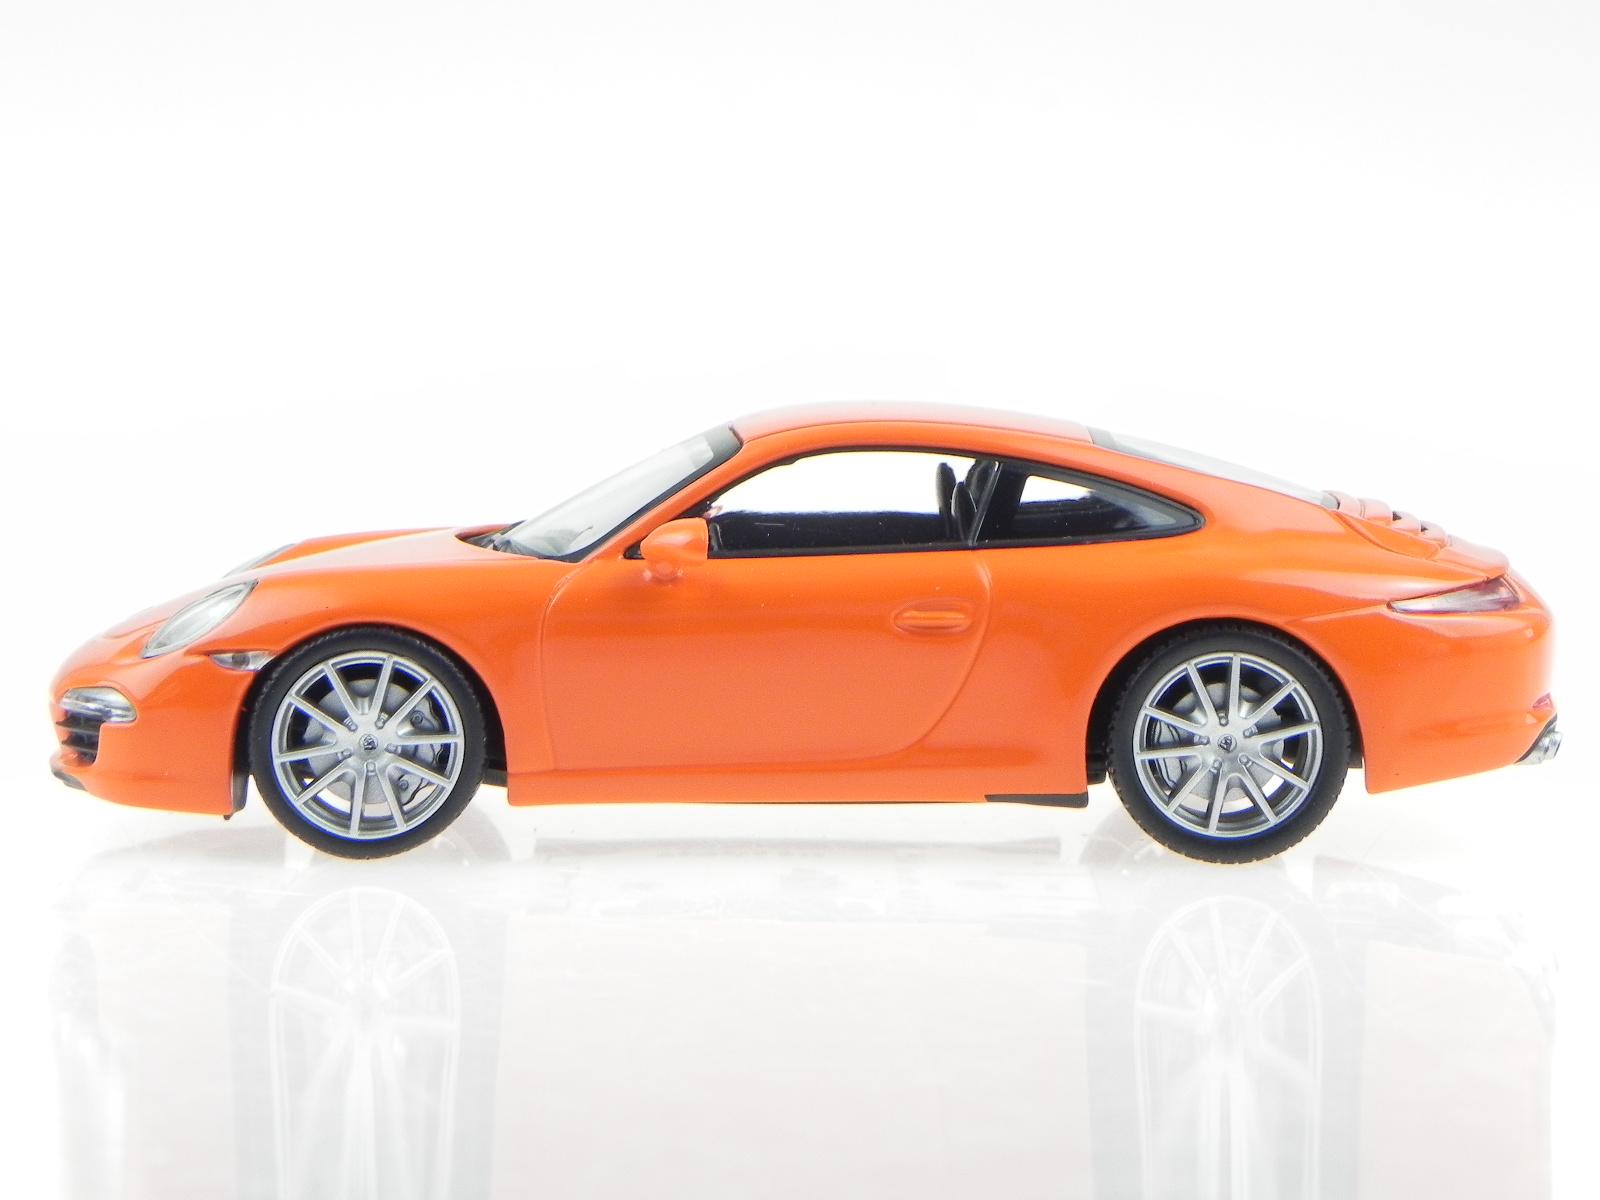 porsche 911 991 carrera s 2012 orange modellauto 60221. Black Bedroom Furniture Sets. Home Design Ideas